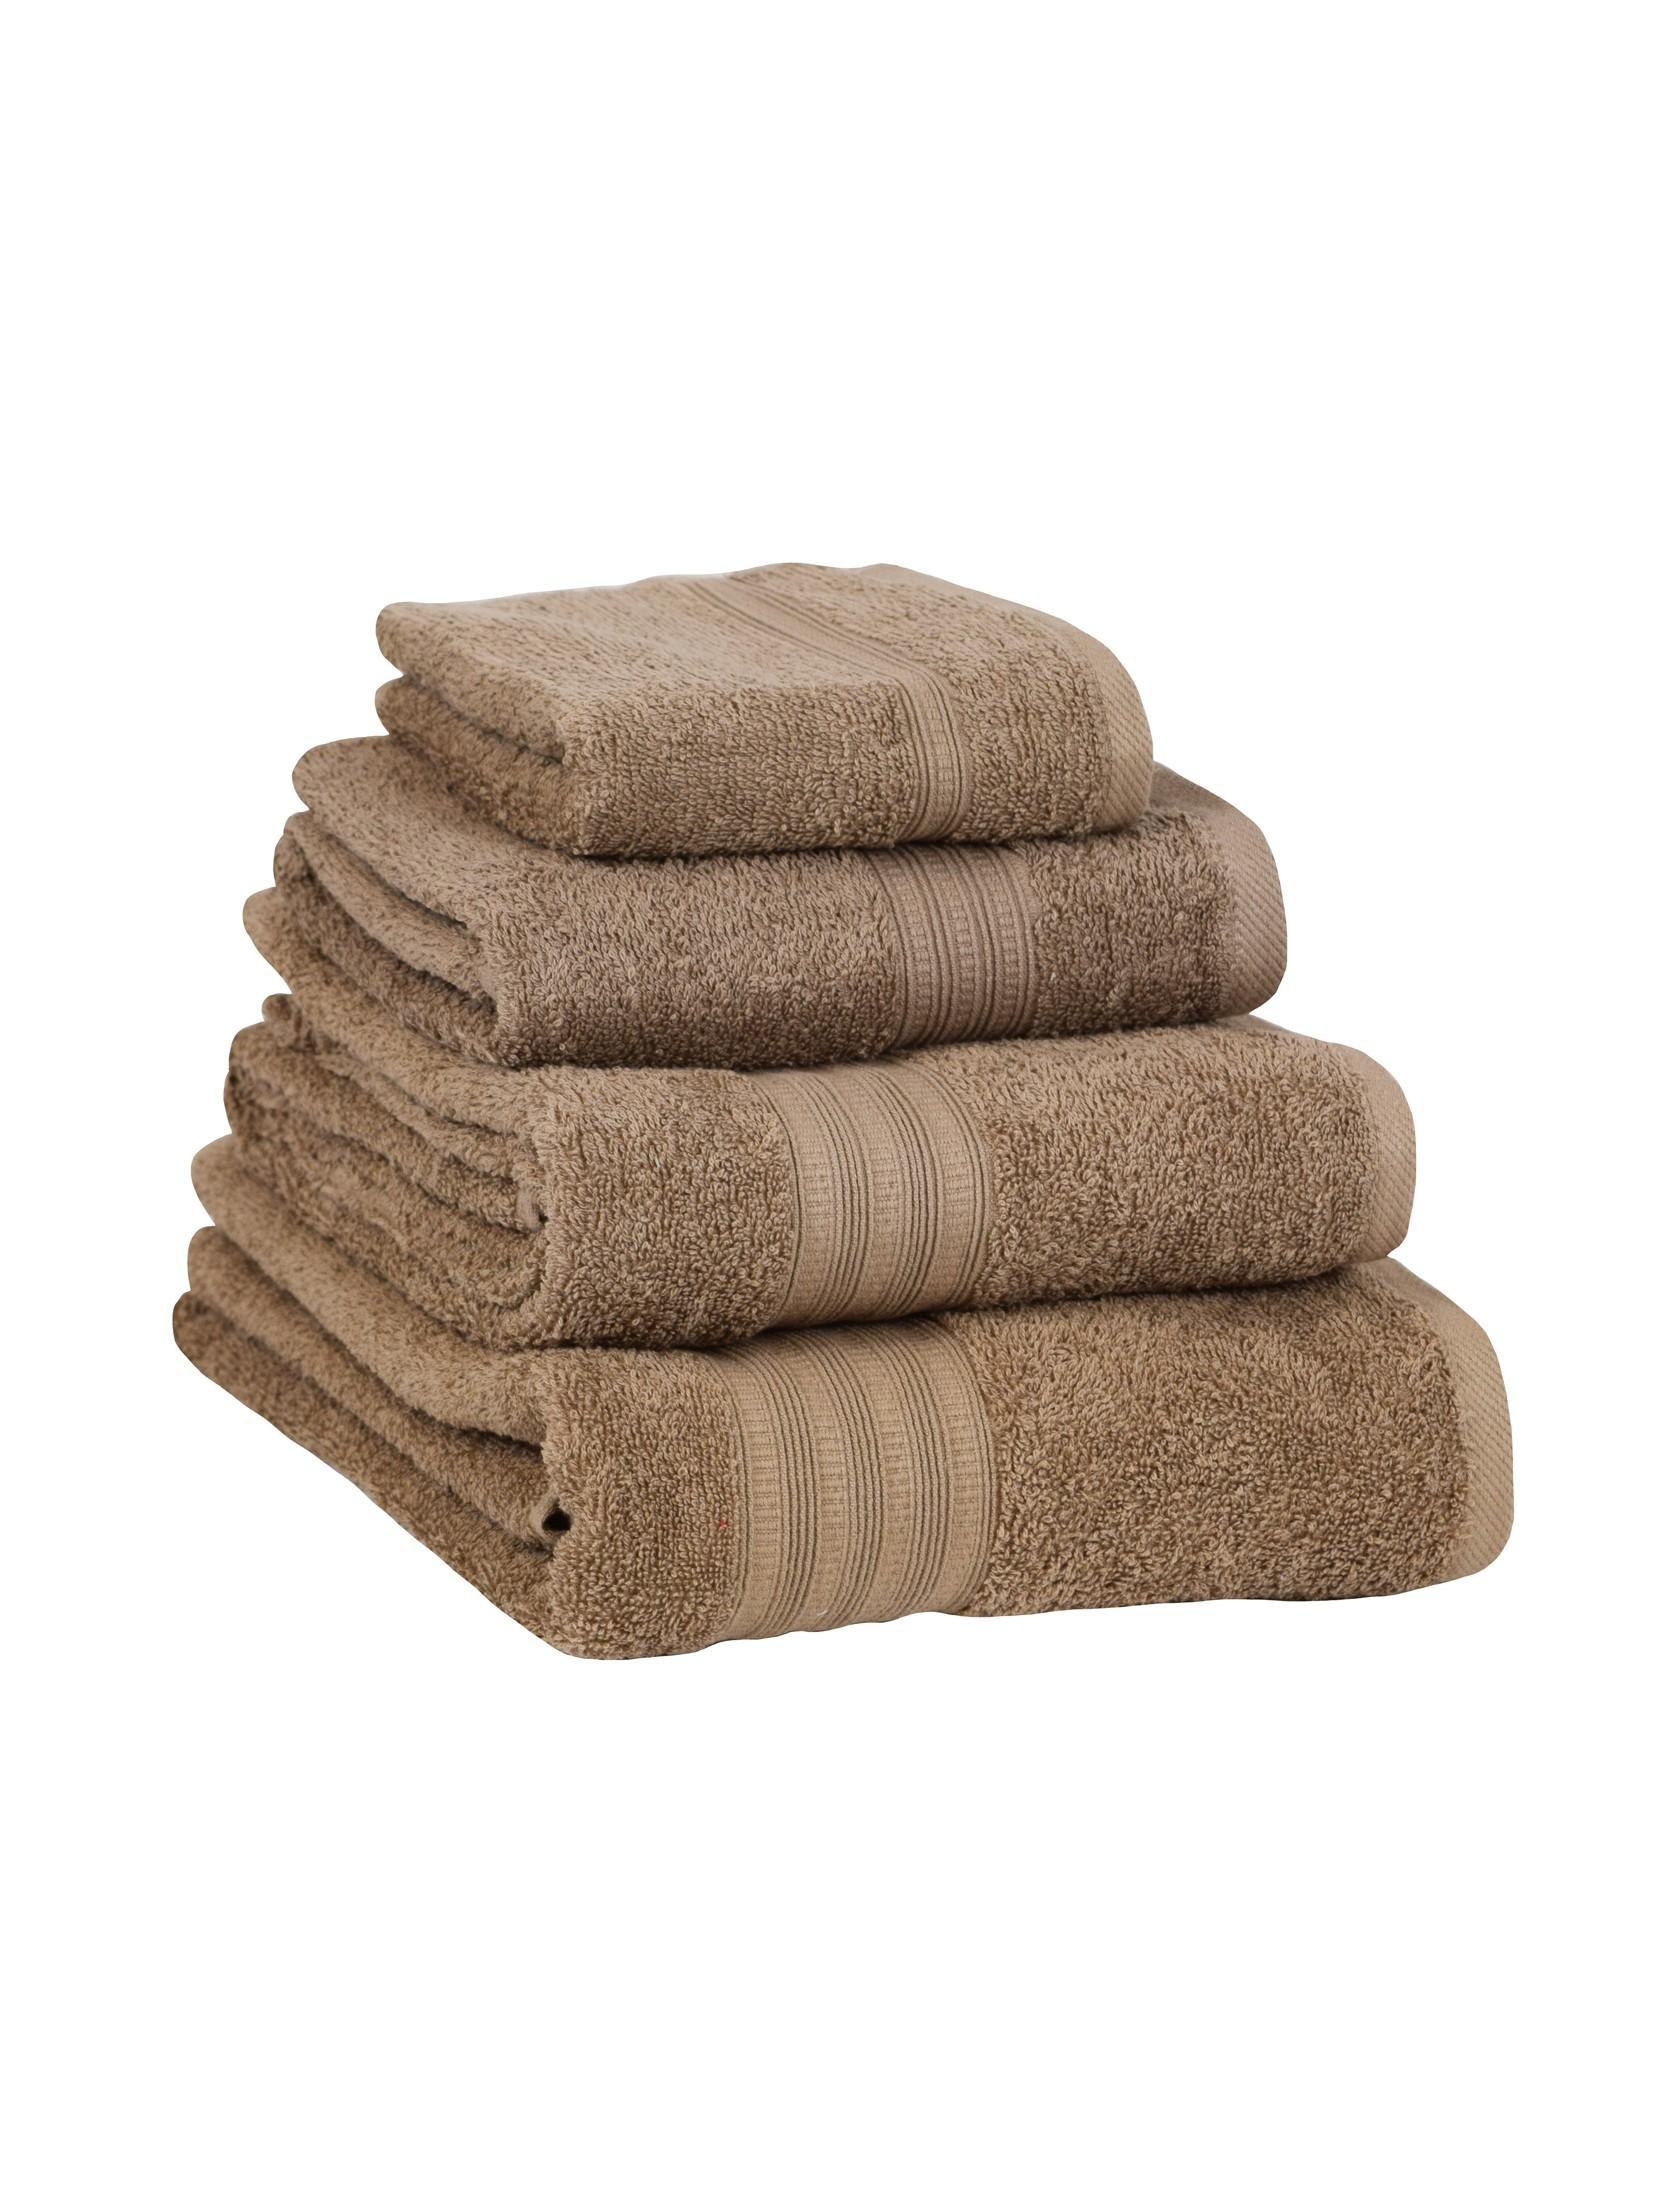 extra soft towel